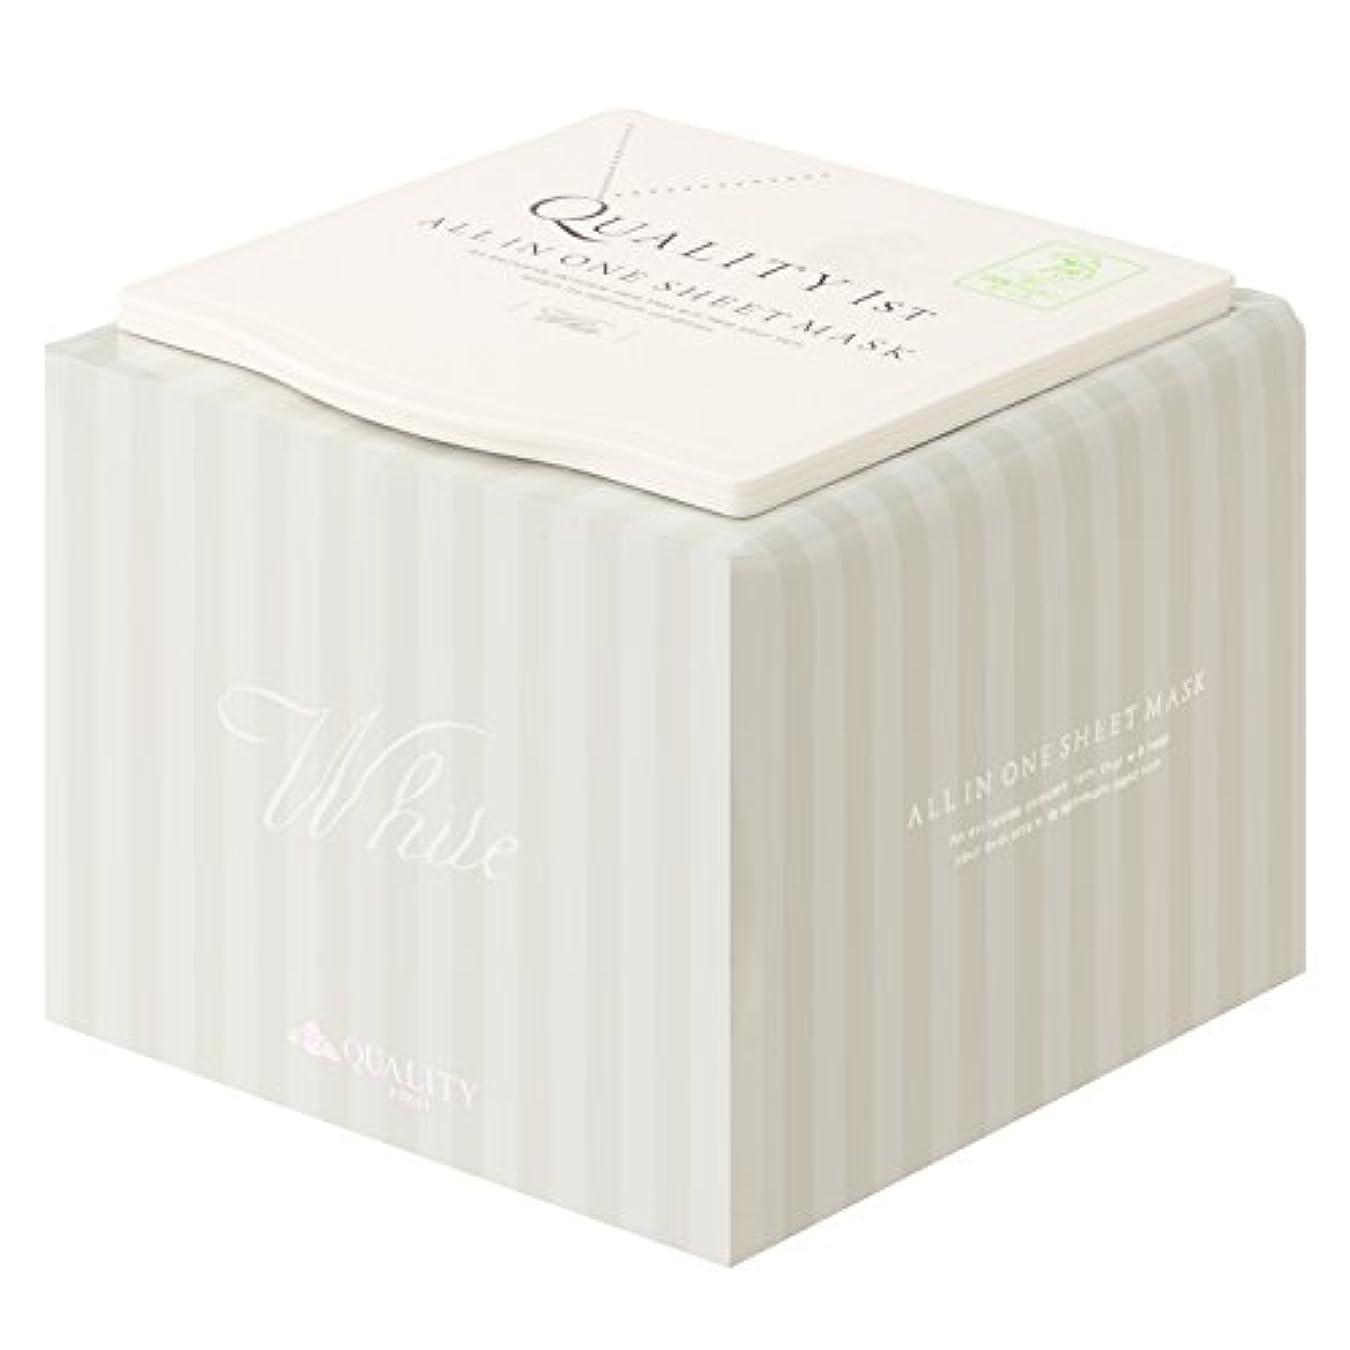 速度マグ悪化させるオールインワンシートマスク ホワイトEX (30枚) BOX